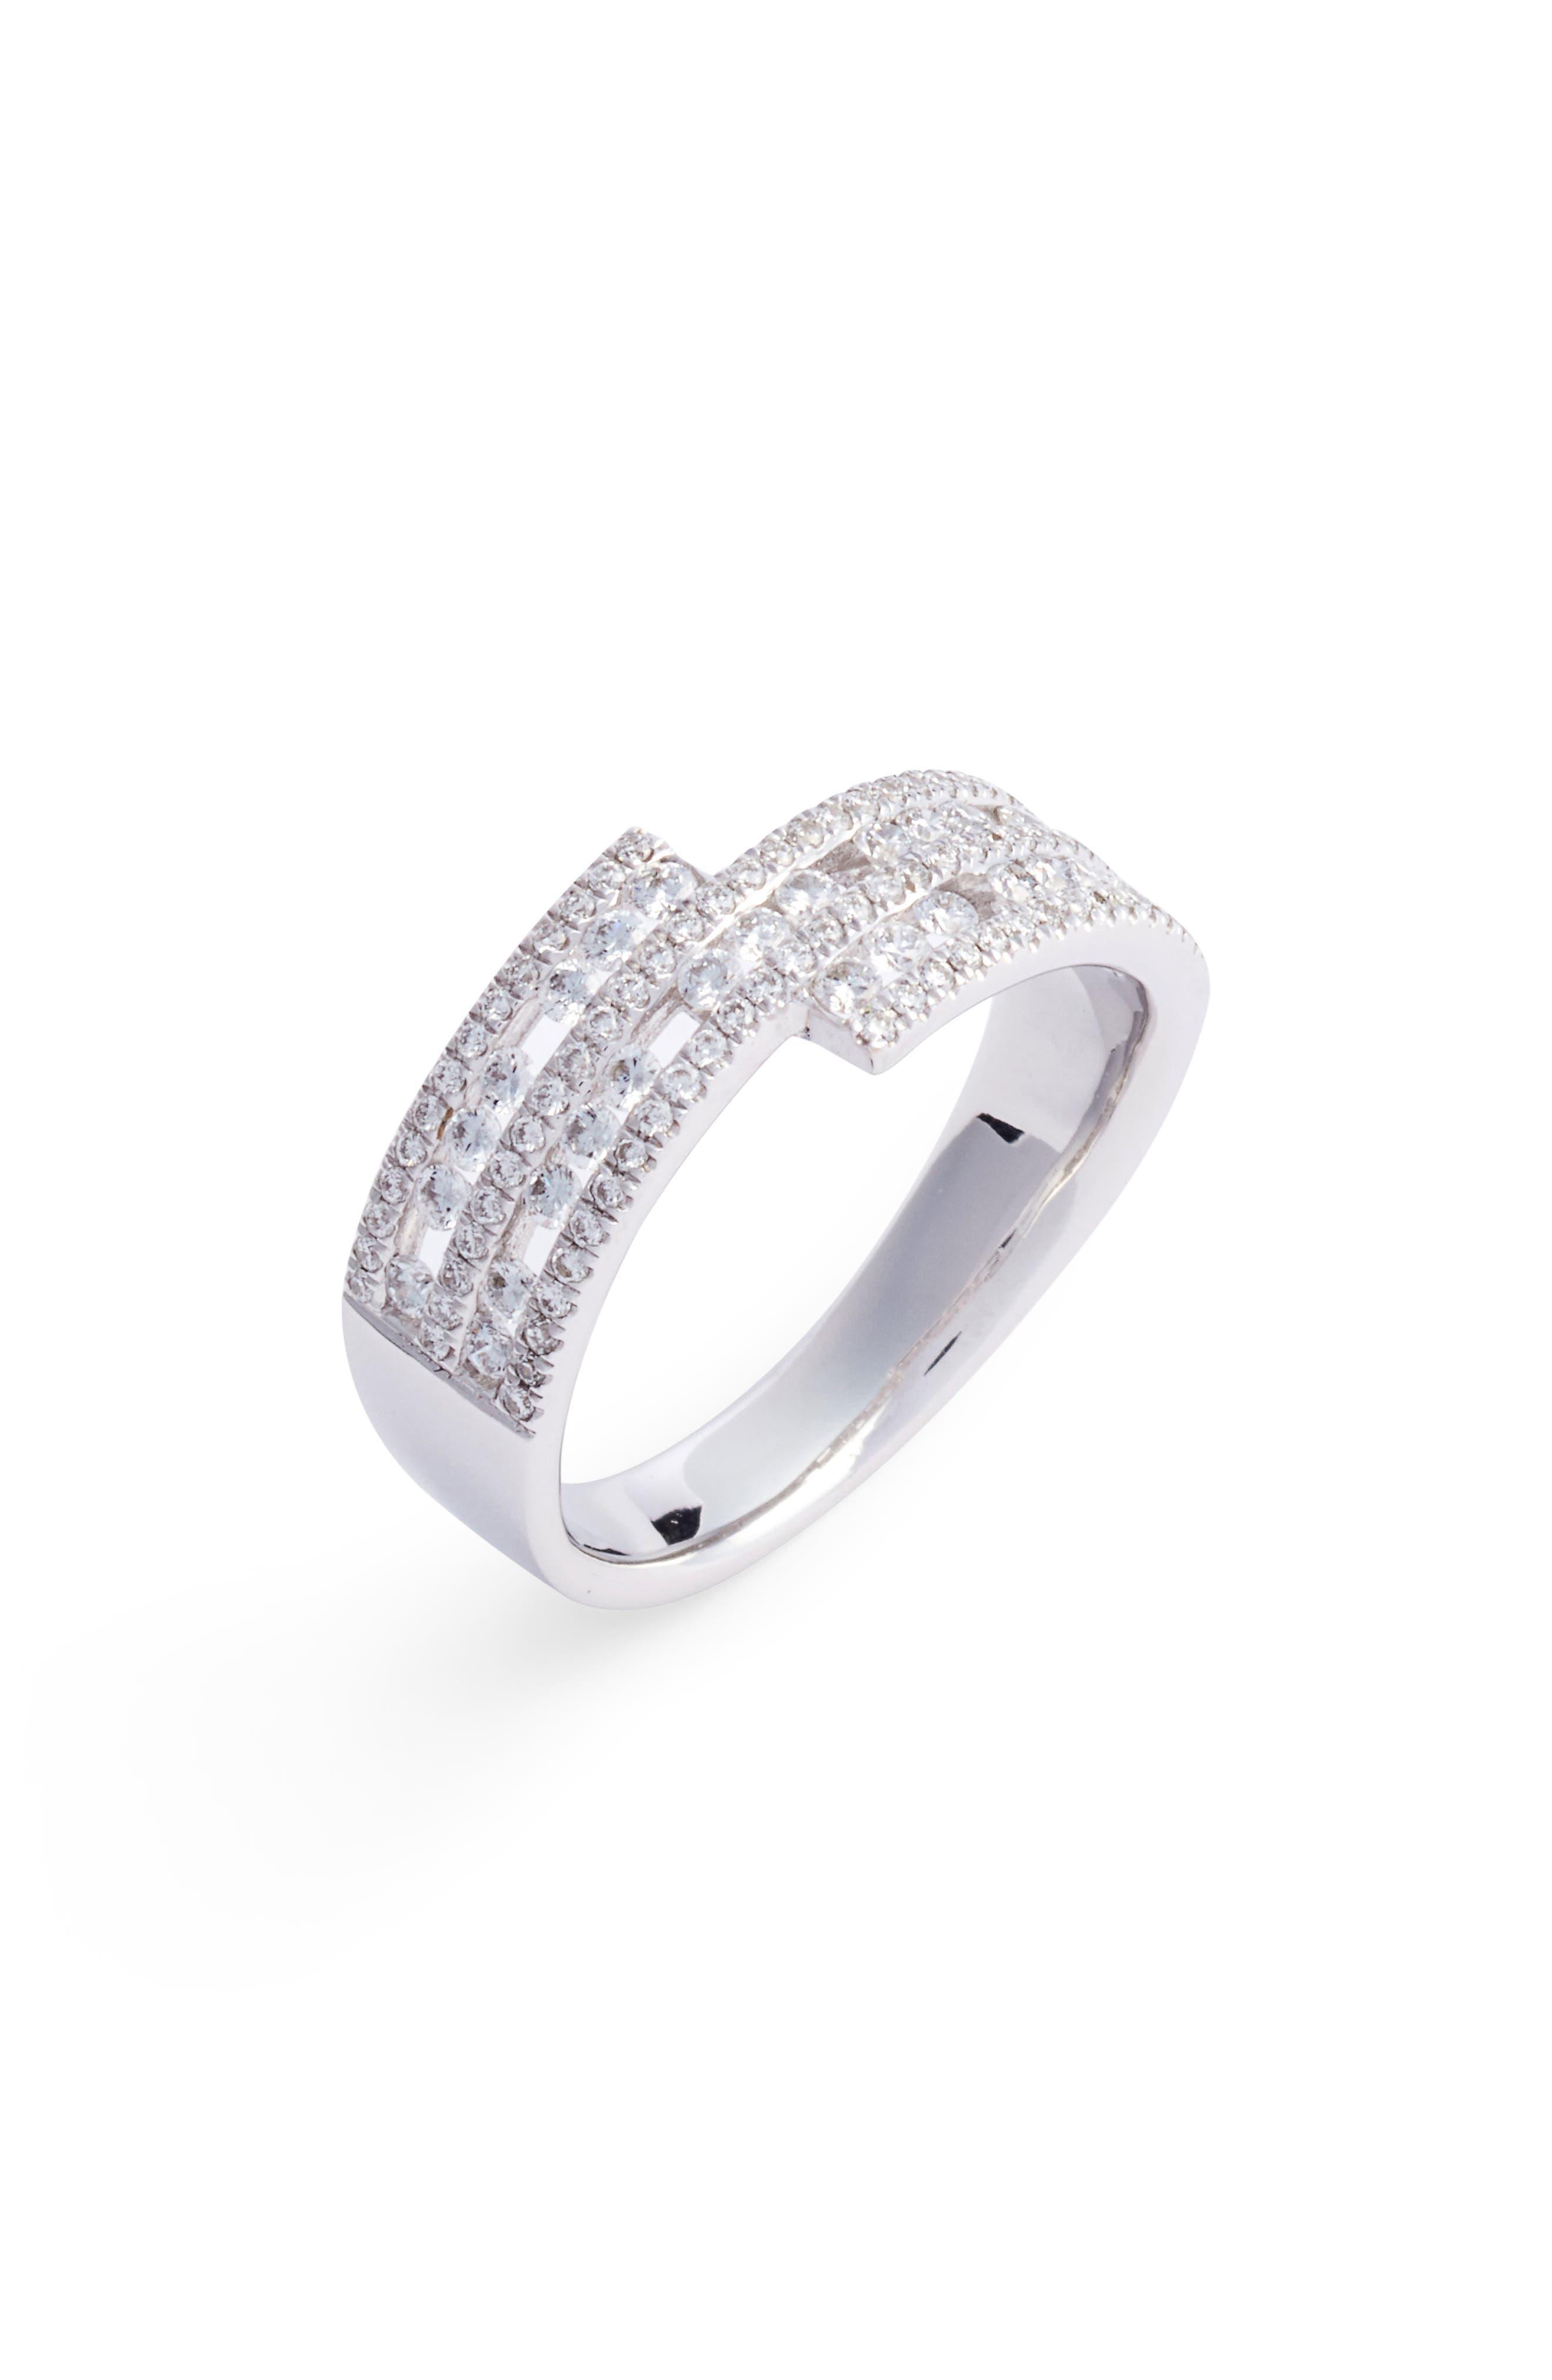 Amara Luxe Wrap Diamond Ring,                             Main thumbnail 1, color,                             WHITE GOLD